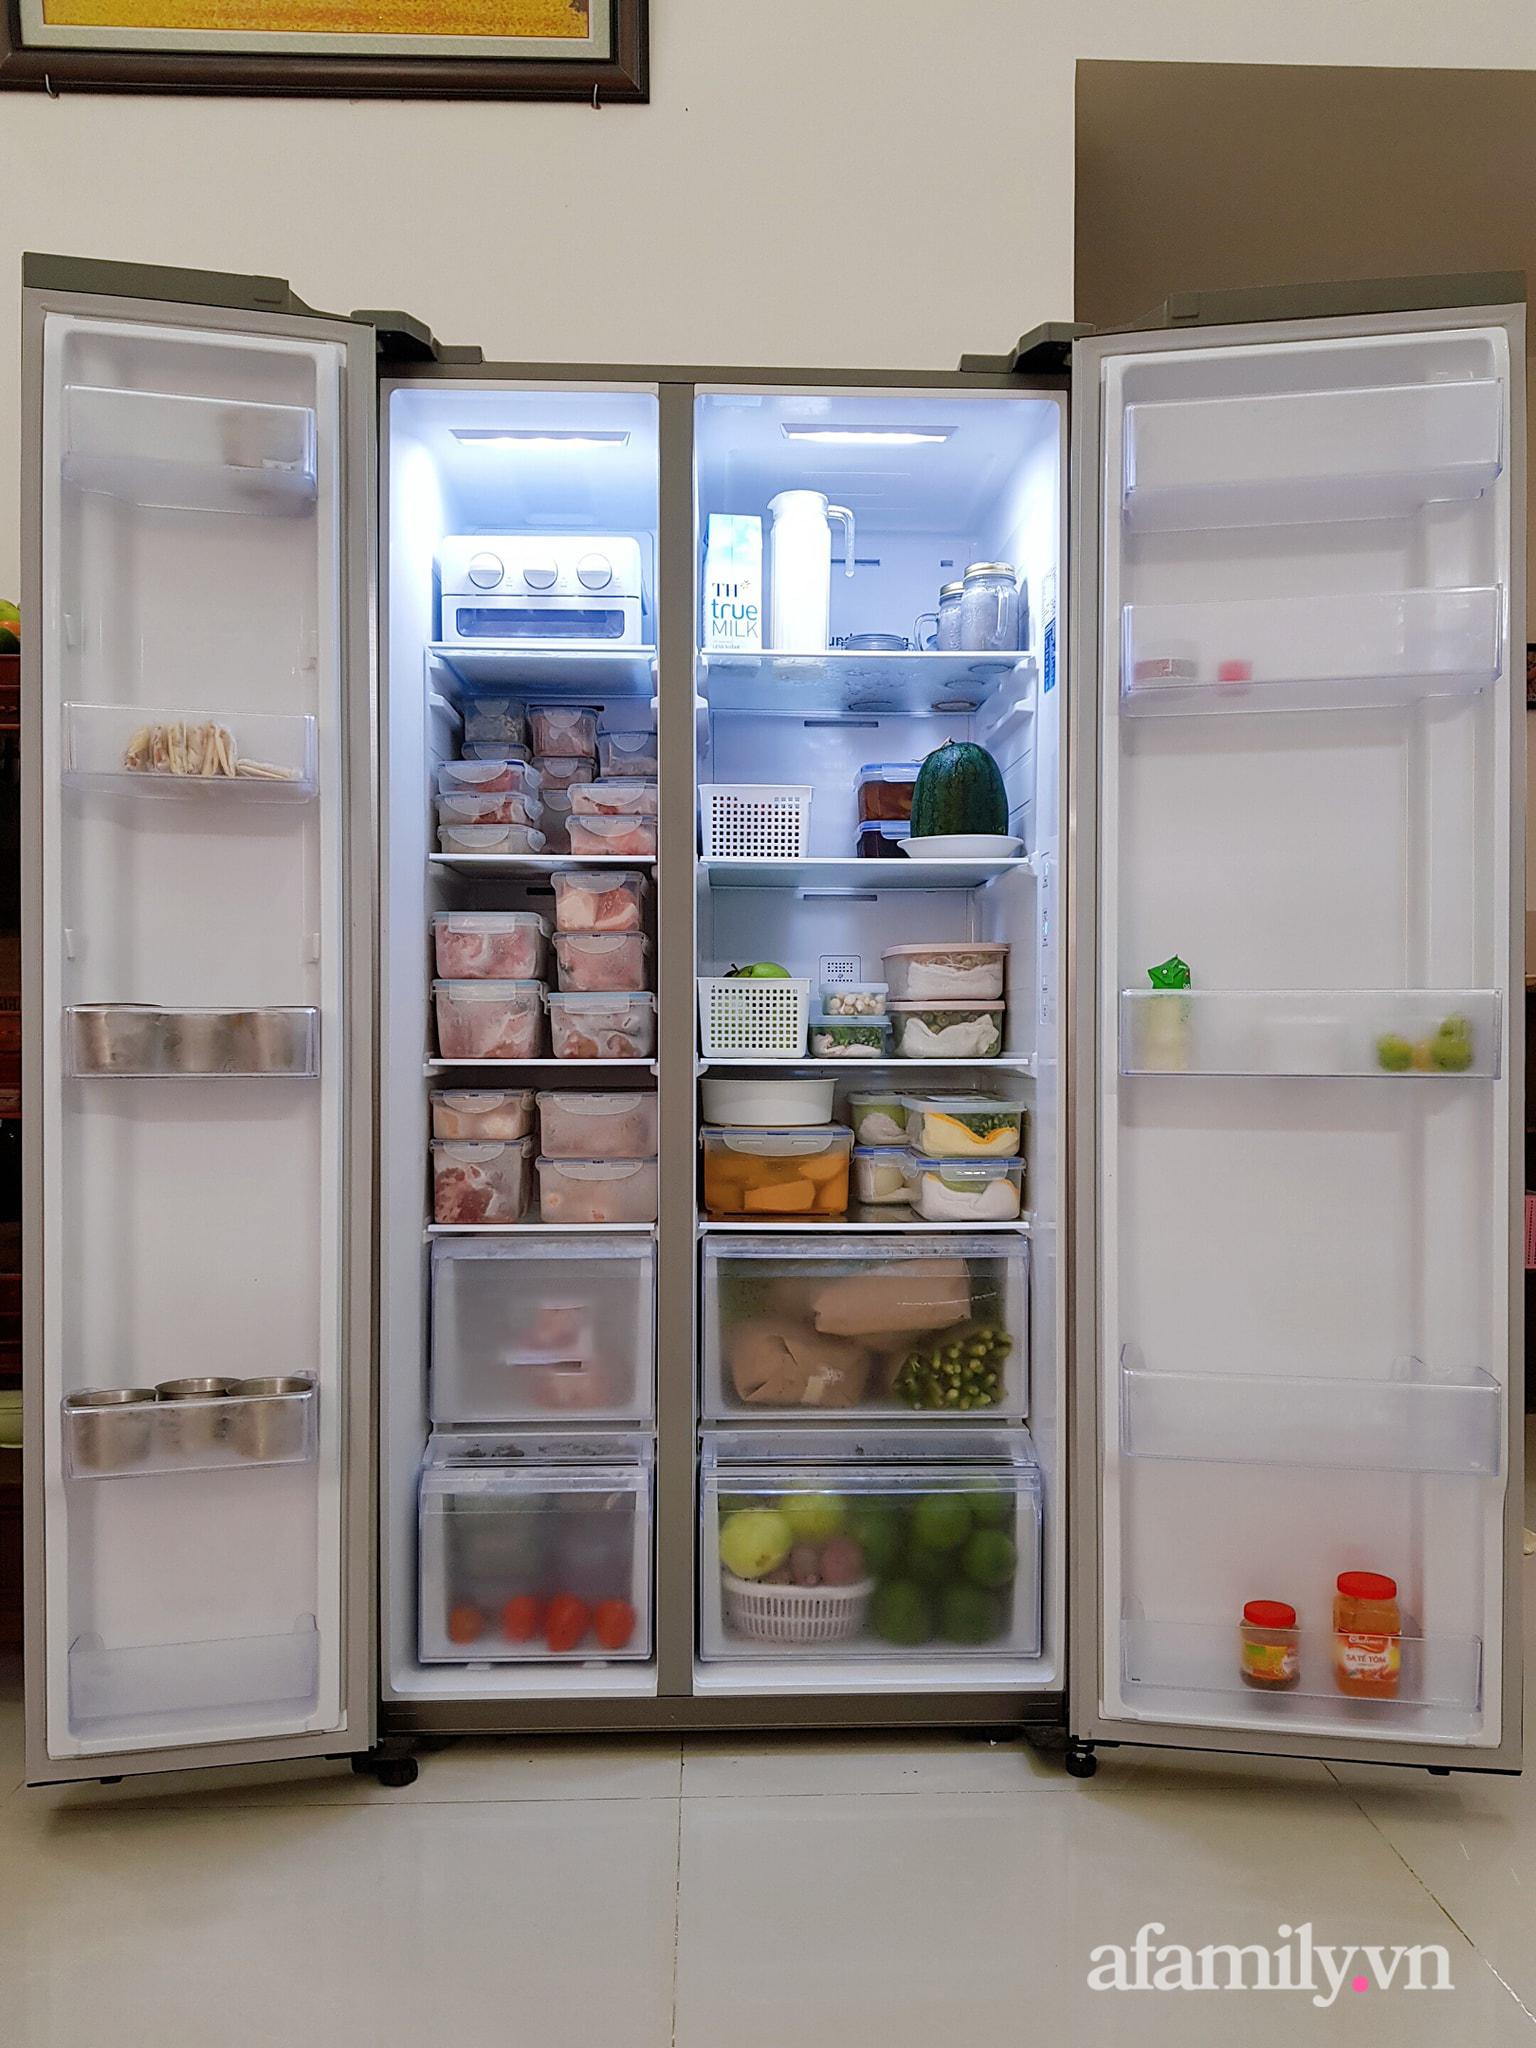 Mẹo trữ thực phẩm từ A đến Z tươi ngon, tiết kiệm chi phí của nữ giáo viên ở Đồng Nai - Ảnh 1.